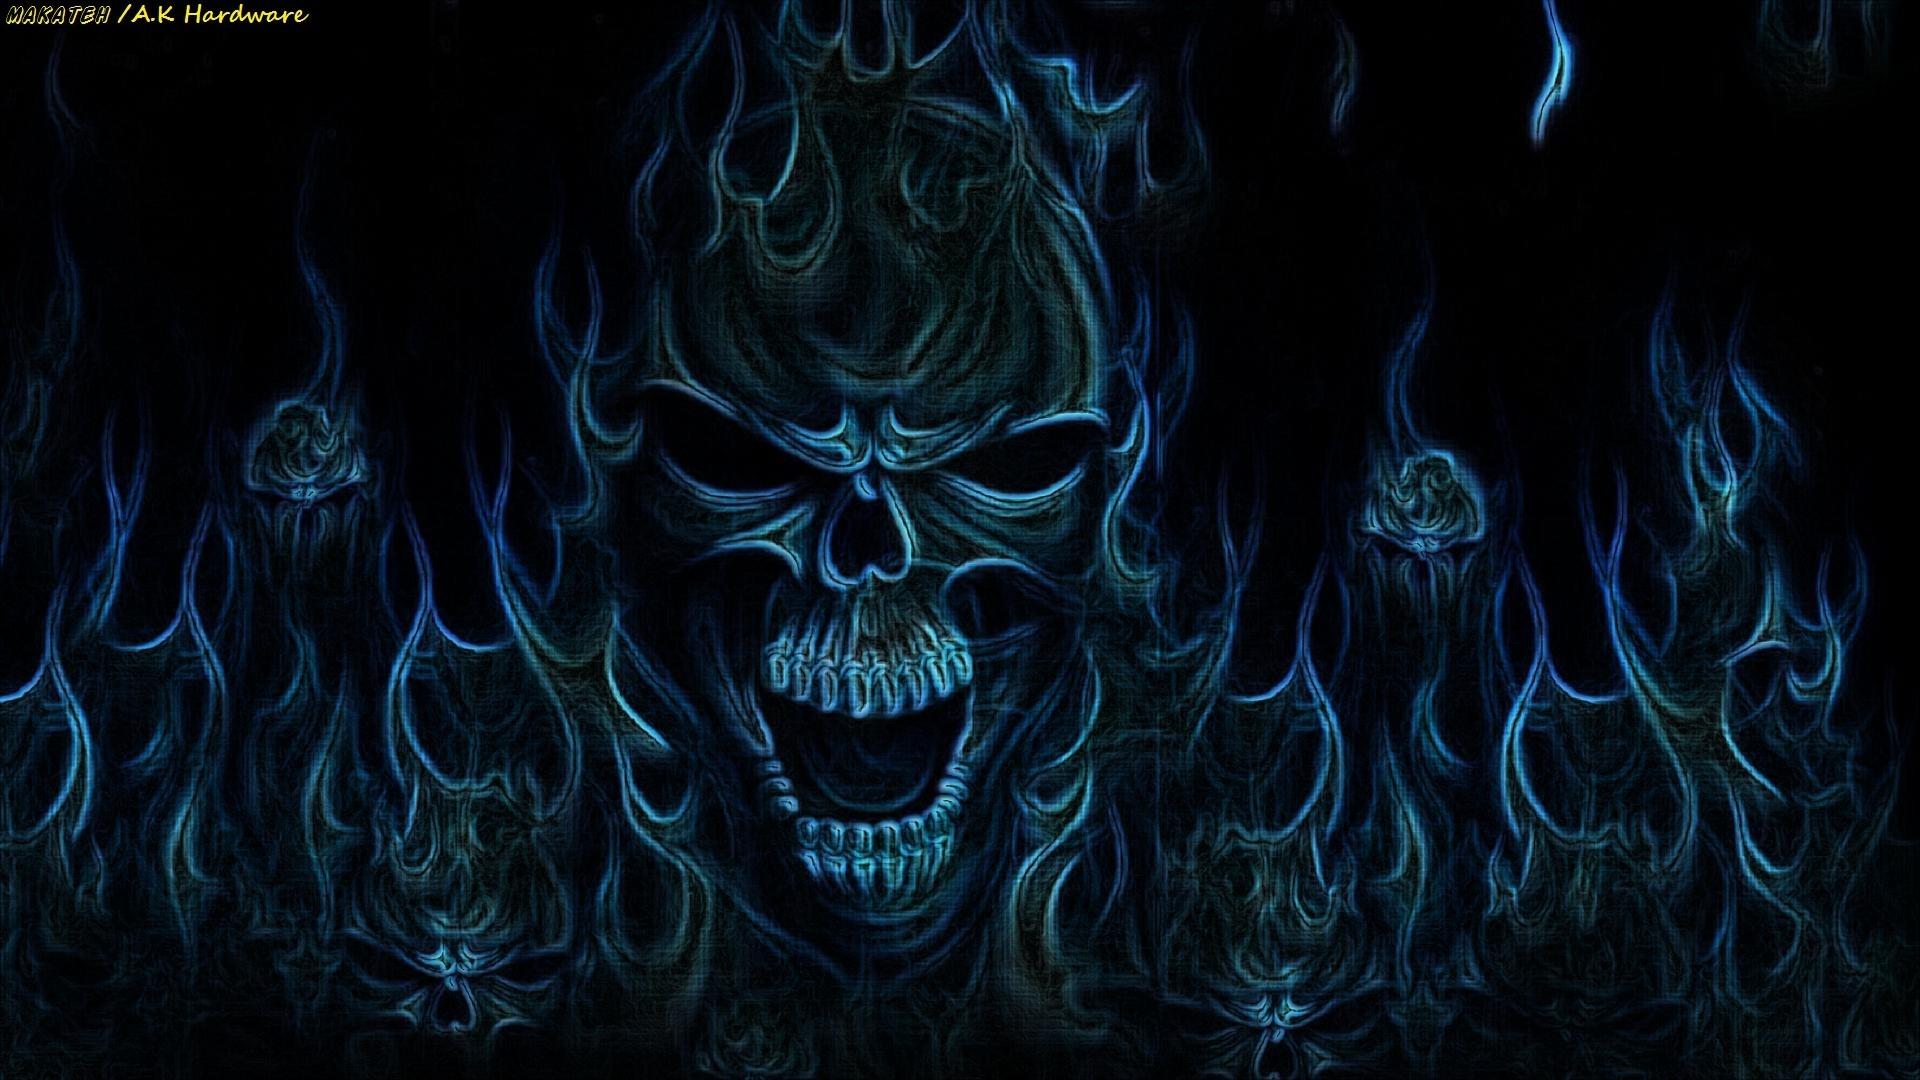 Res: 1920x1080, Dark - Skull Fantasy Horror Wallpaper